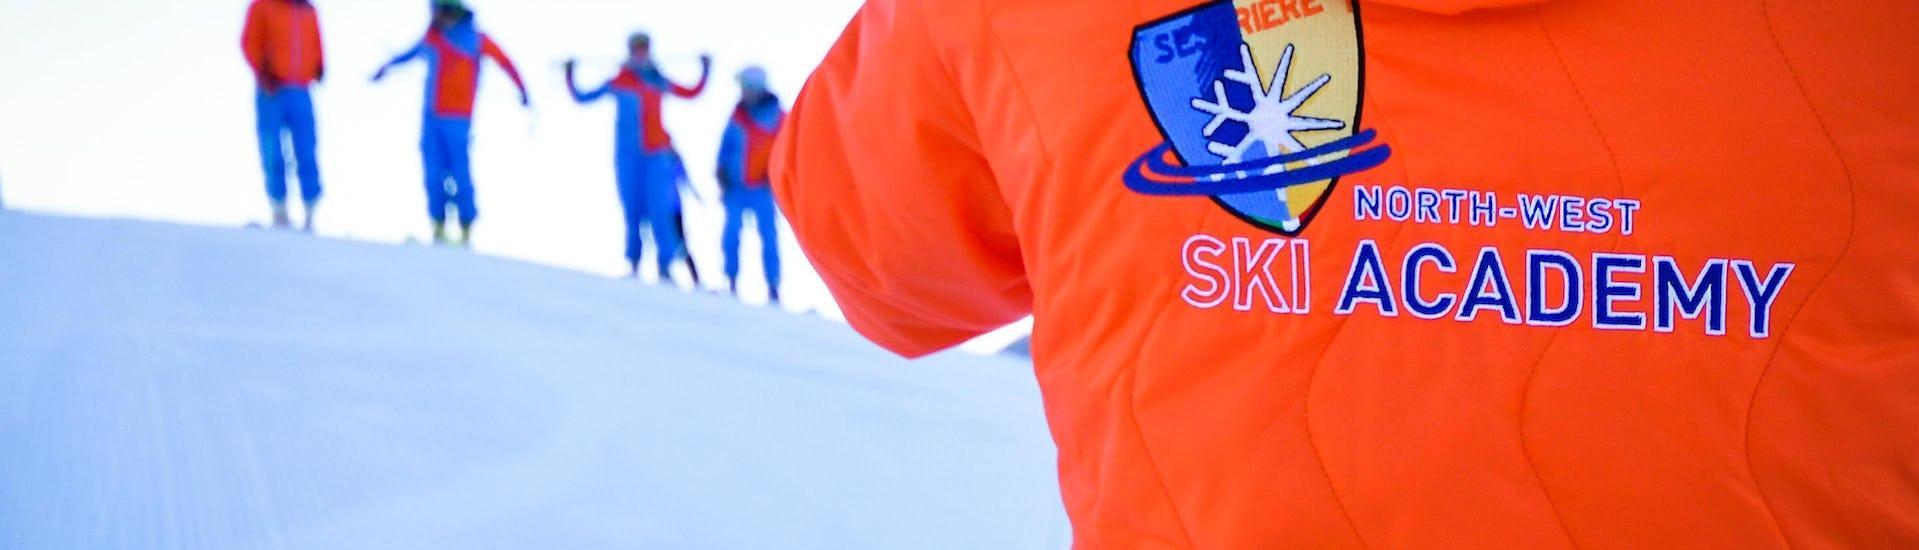 Un gruppo di sciatori si sta preparando per le Lezioni private di sci per adulti - Special - Tutti i livelli organizzate dalla scuola di sci YES Academy Sestriere.